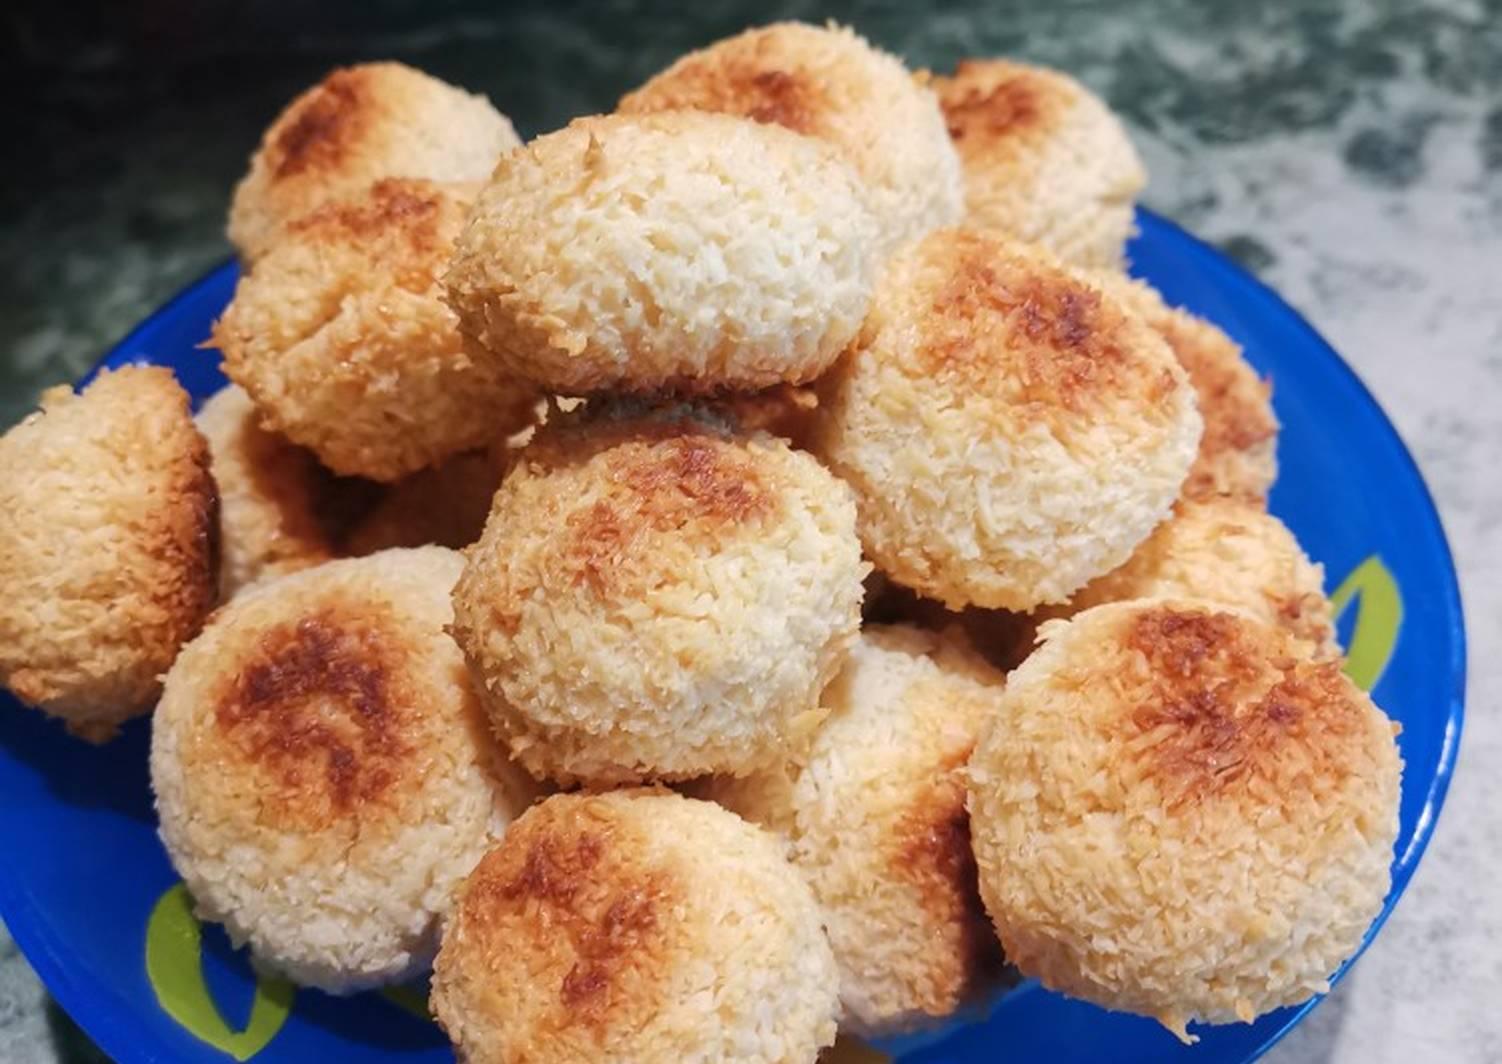 кокосанки рецепт с пошаговым фото его изображали